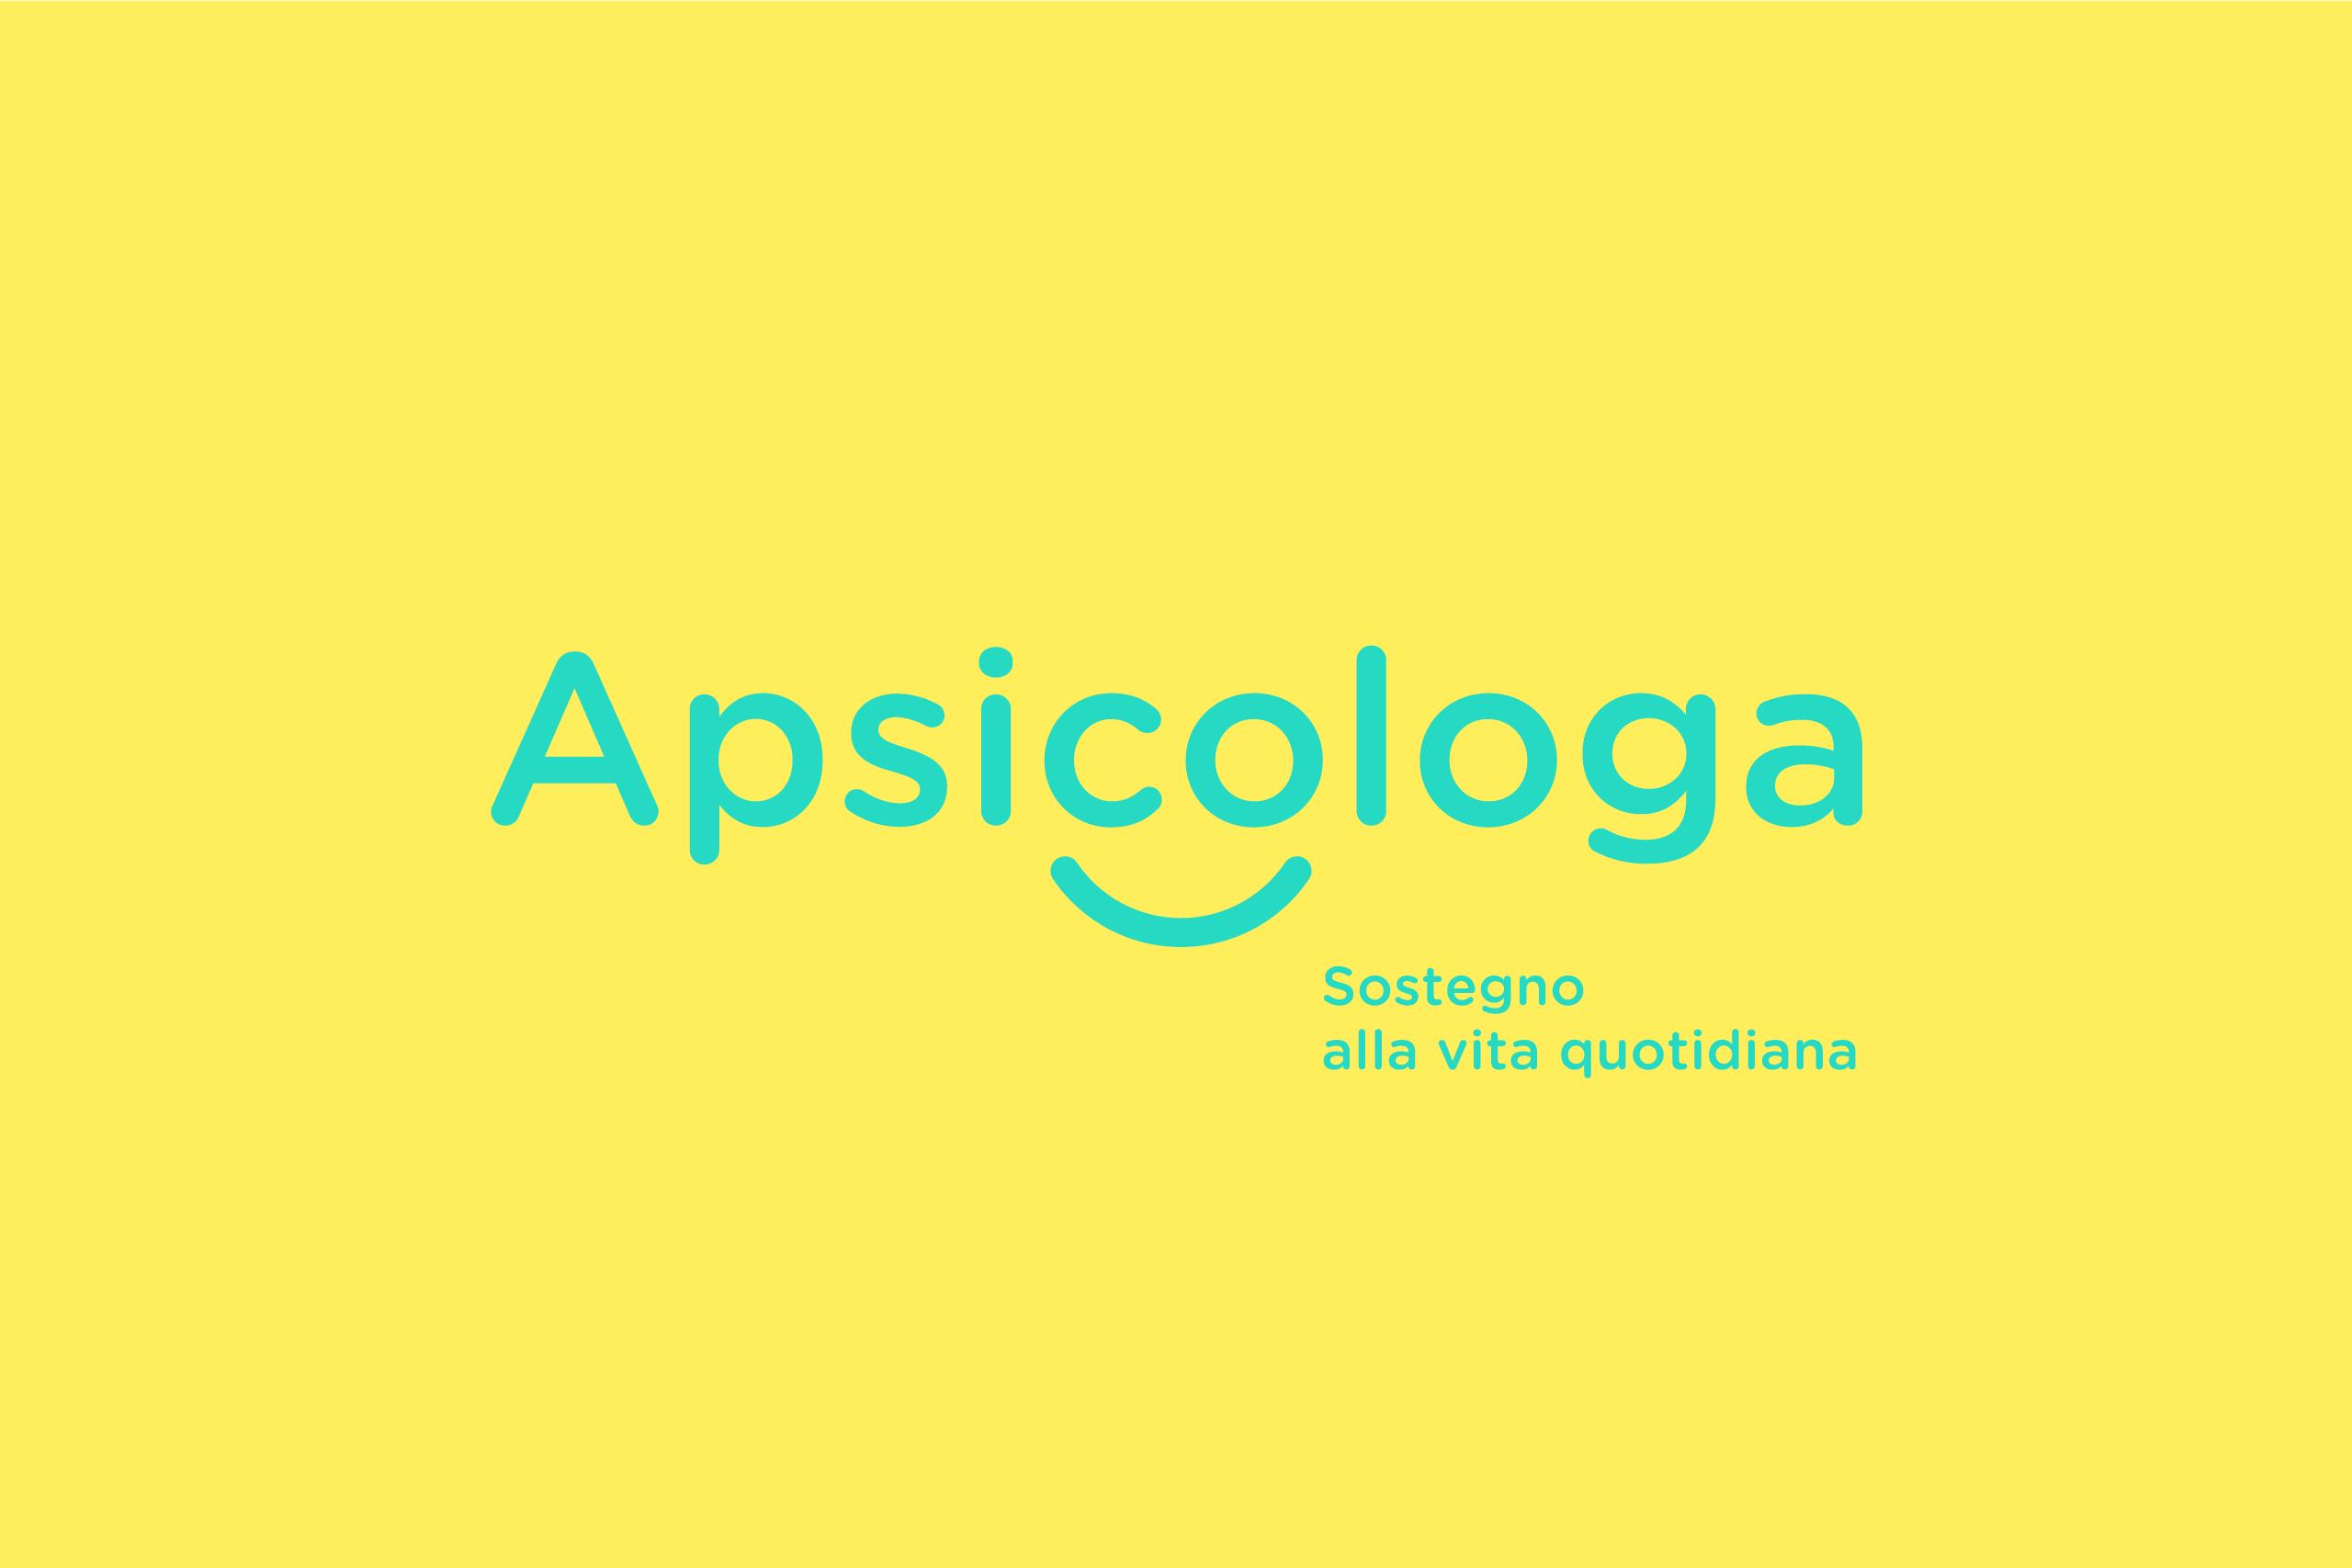 Apsicologa_logo